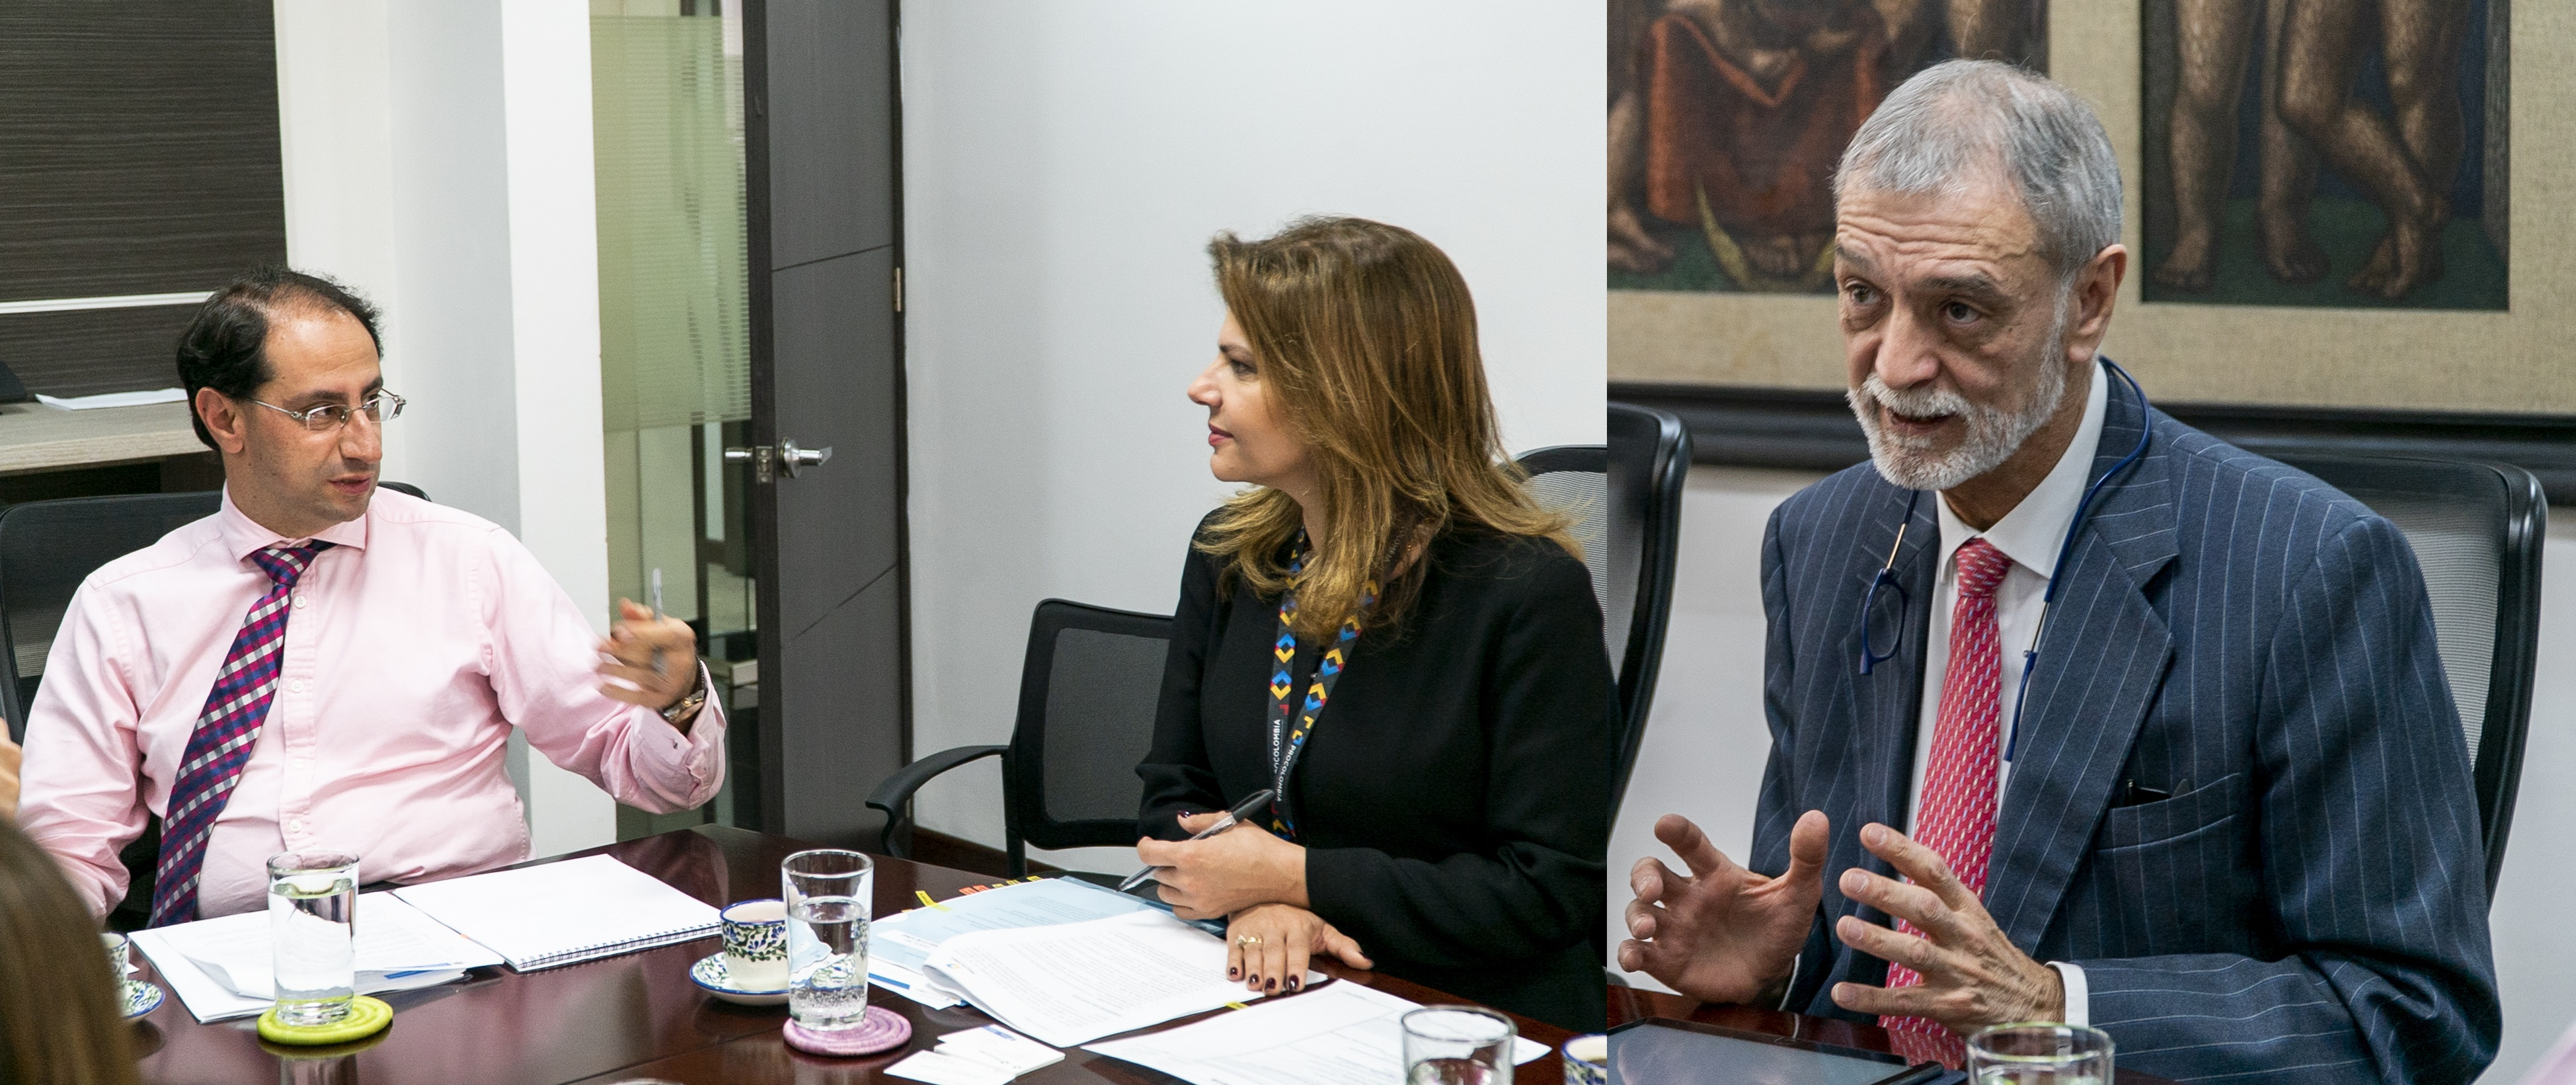 VI Expo ALADI tiene convocatoria para octubre. Latinoamérica se reunirá en Bucaramanga | EL FRENTE